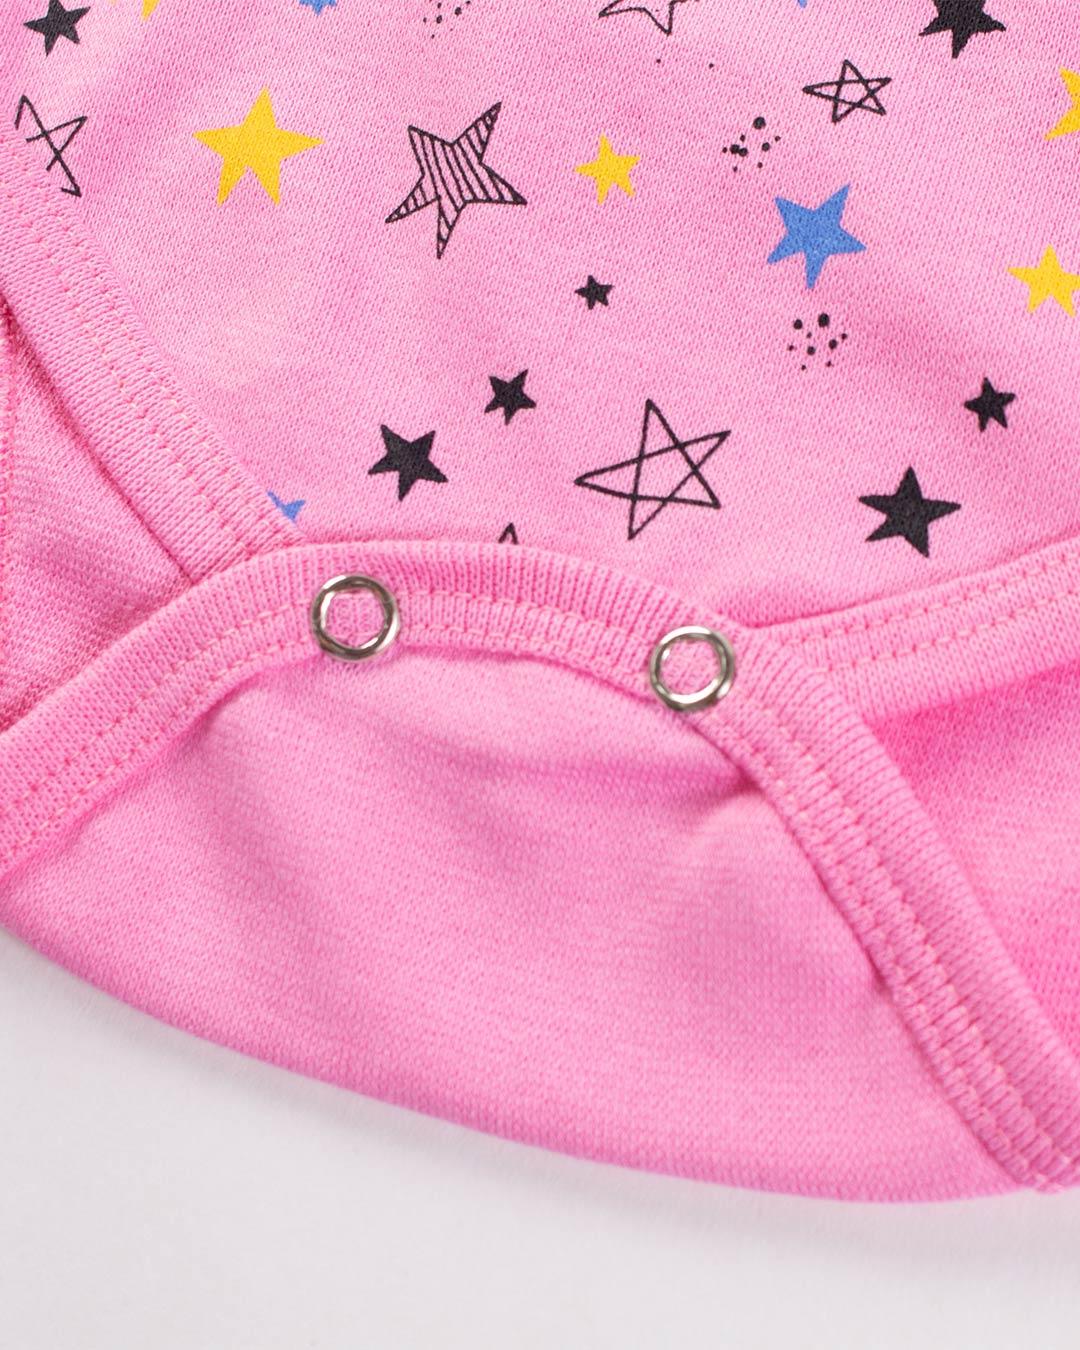 Kit Body 3 Peças Ursinho e Estrelas Rosa - Sorriso Kids